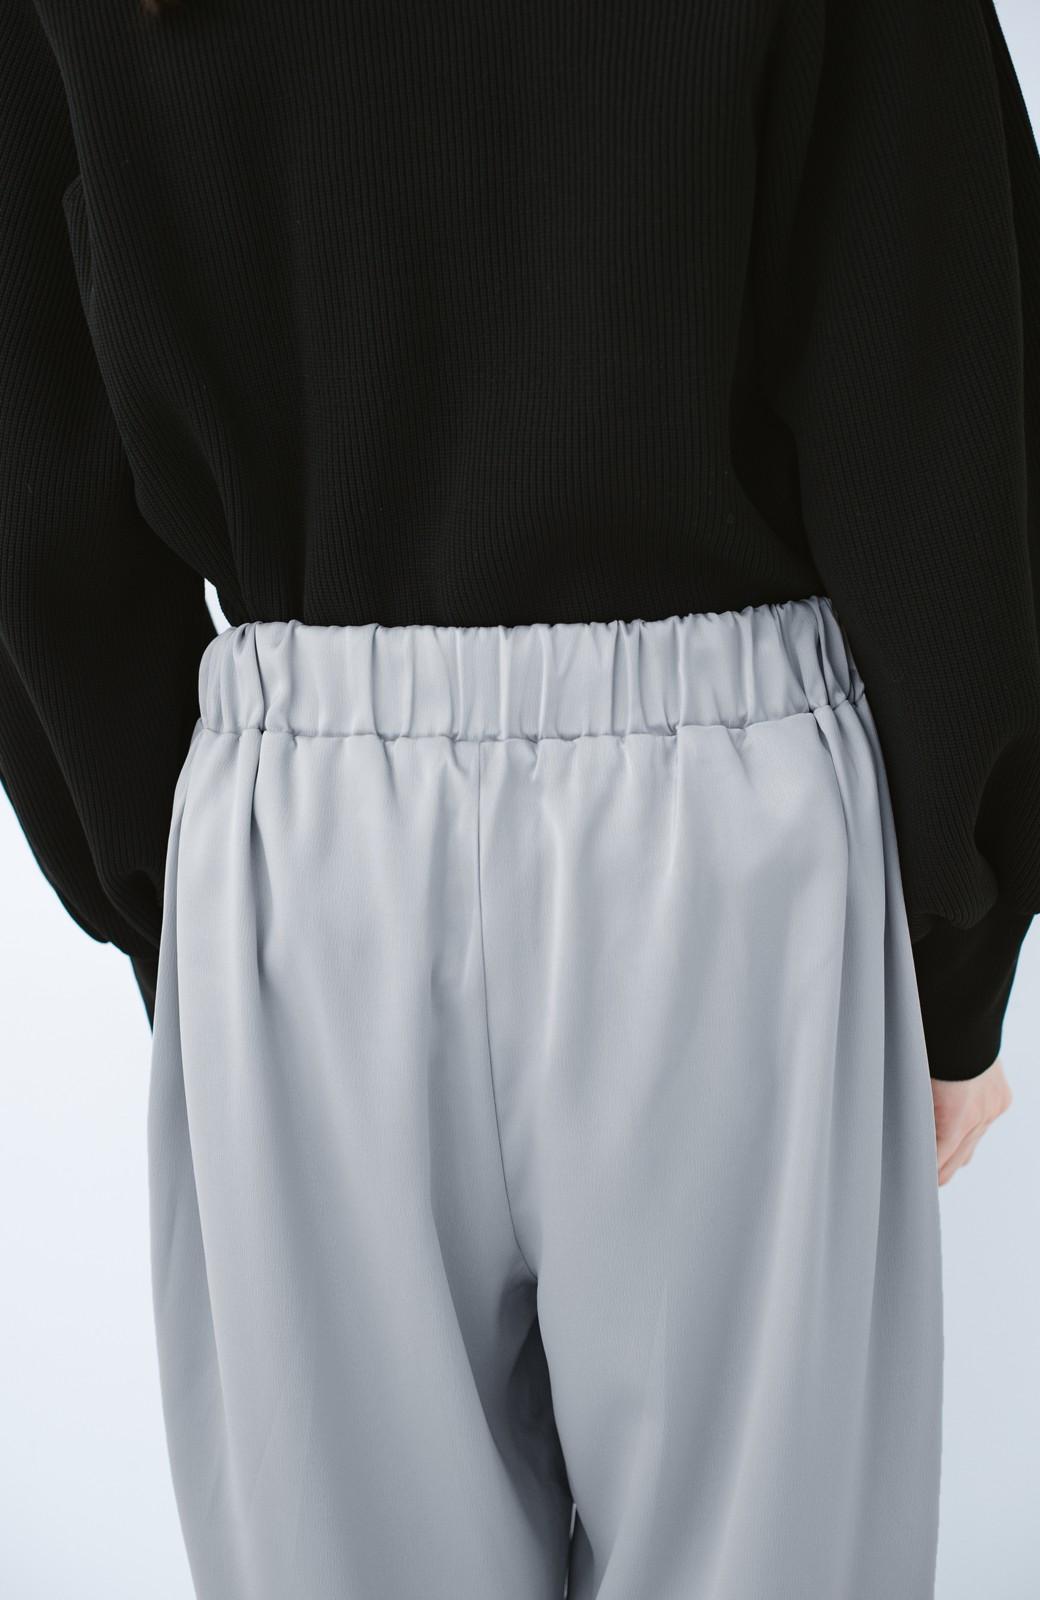 haco! パンツ派さんのデート着 プリーツスカート風にもなる華やかパンツセット <ライトブルーグレー>の商品写真11